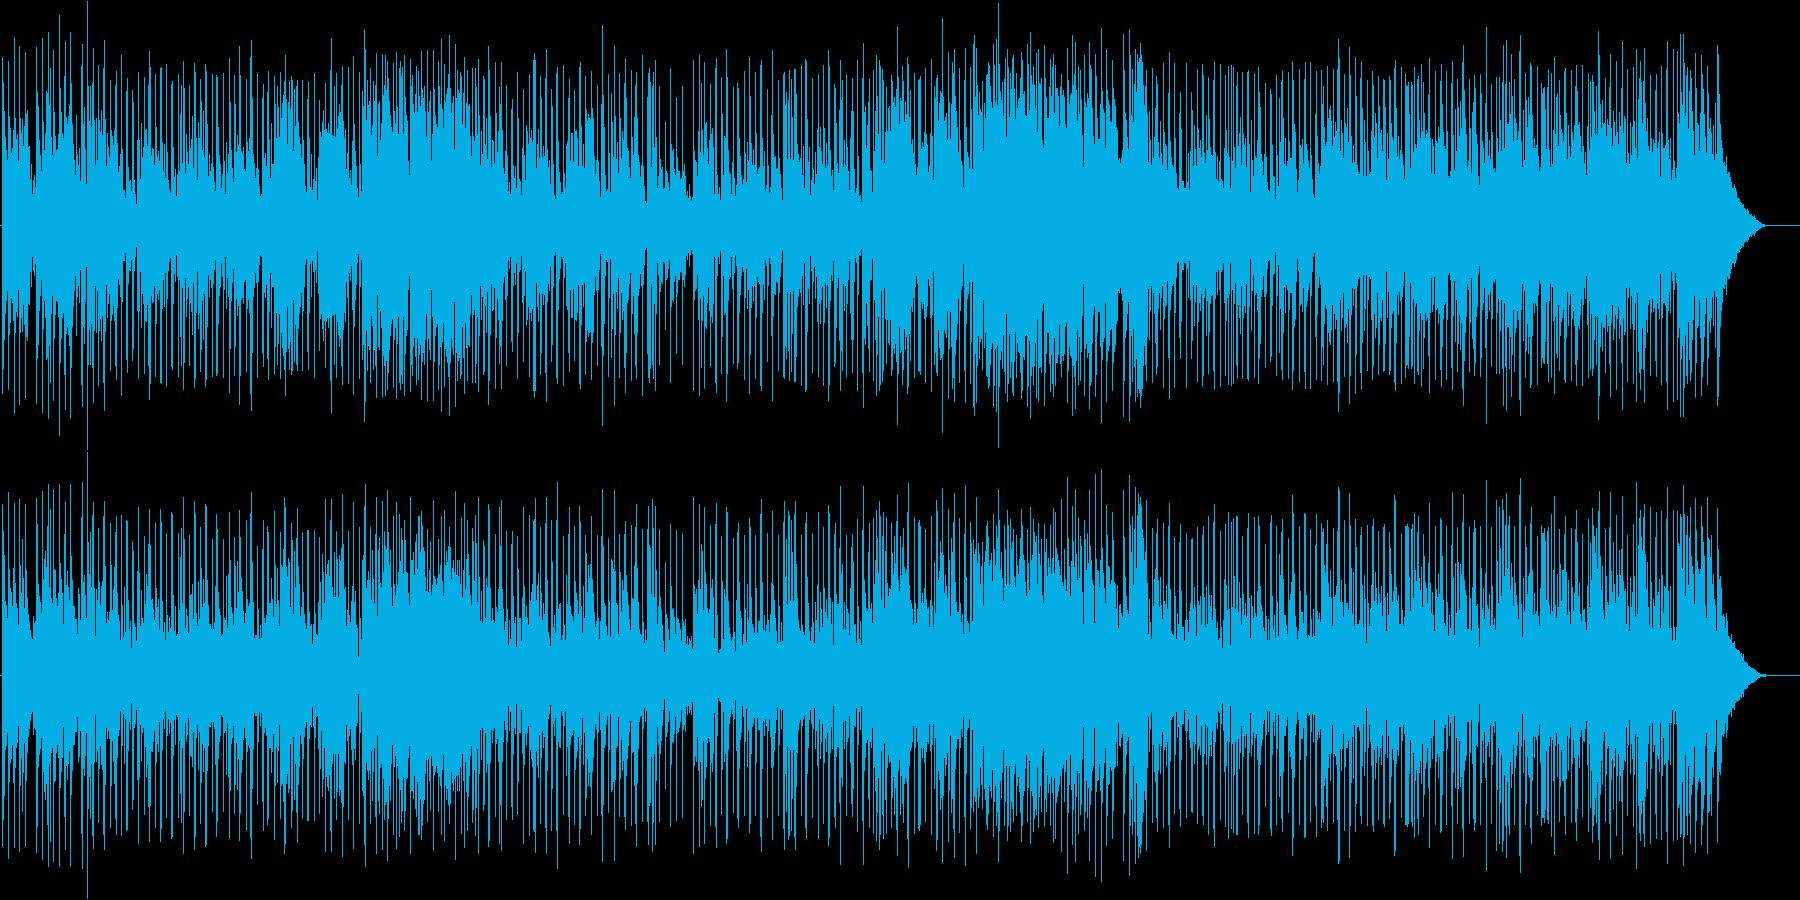 楽しげなざわめきが似合う、マルチなBGMの再生済みの波形